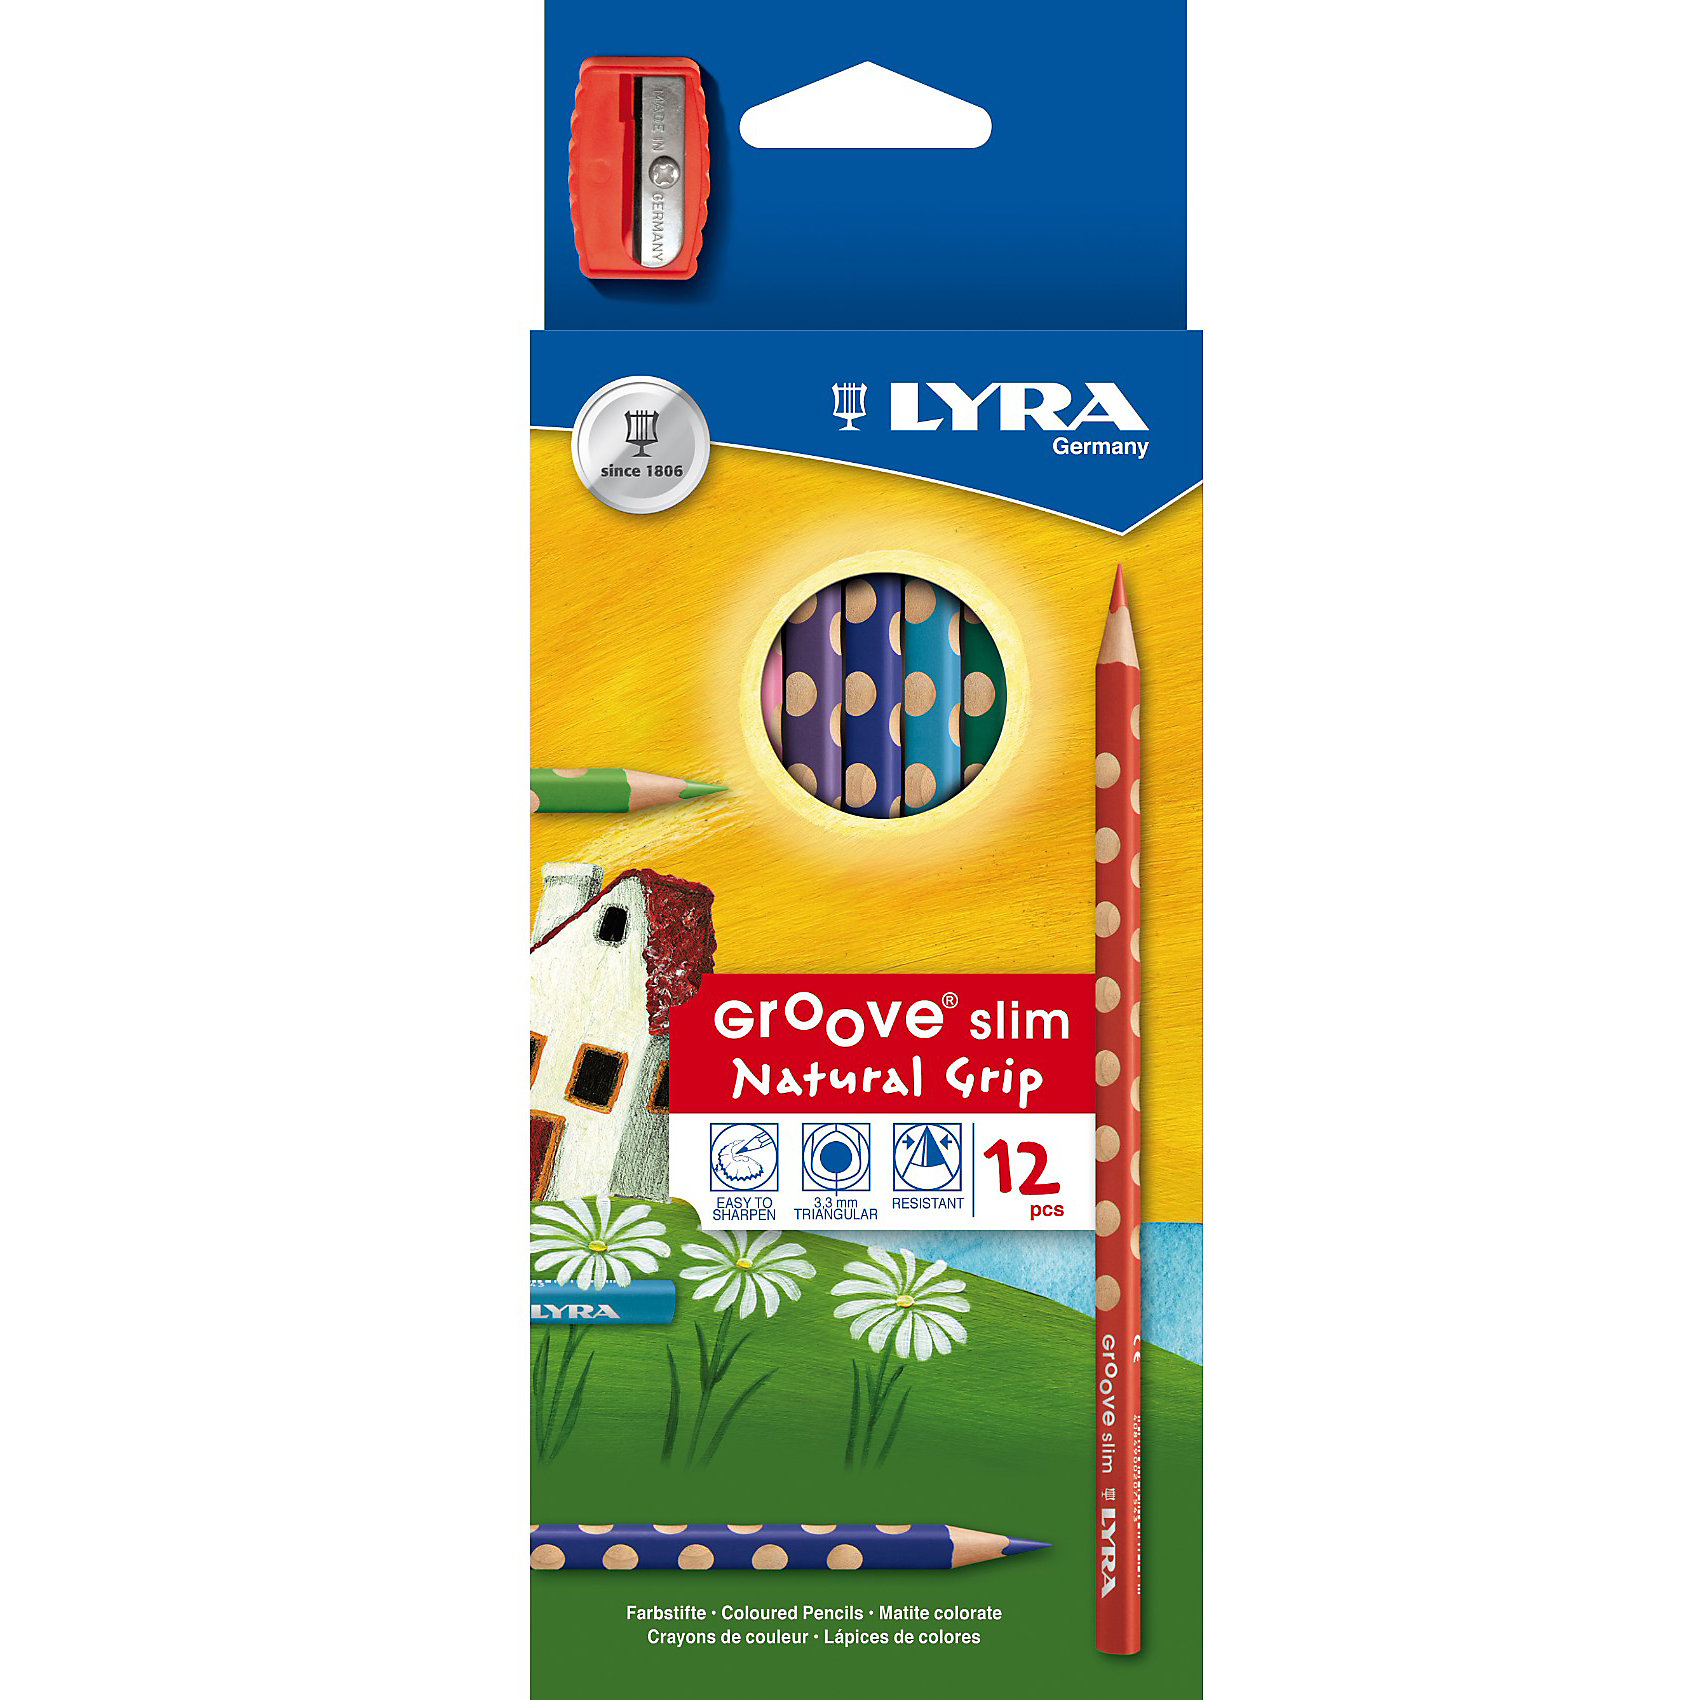 Цветные карандаши, 12 шт.Цветные карандаши с эргономичными выемками вдоль корпуса, 12 шт. Произведены из натуральной сертифицированной древесины, ударопрочные. Диаметр грифеля 3,3 мм. Насыщенные цвета. Удобные для длительного рисования, идеальны для формирования правильного захвата, в том числе у левшей. В наборе с точилкой.<br><br>Ширина мм: 232<br>Глубина мм: 90<br>Высота мм: 17<br>Вес г: 88<br>Возраст от месяцев: 60<br>Возраст до месяцев: 120<br>Пол: Унисекс<br>Возраст: Детский<br>SKU: 2021014